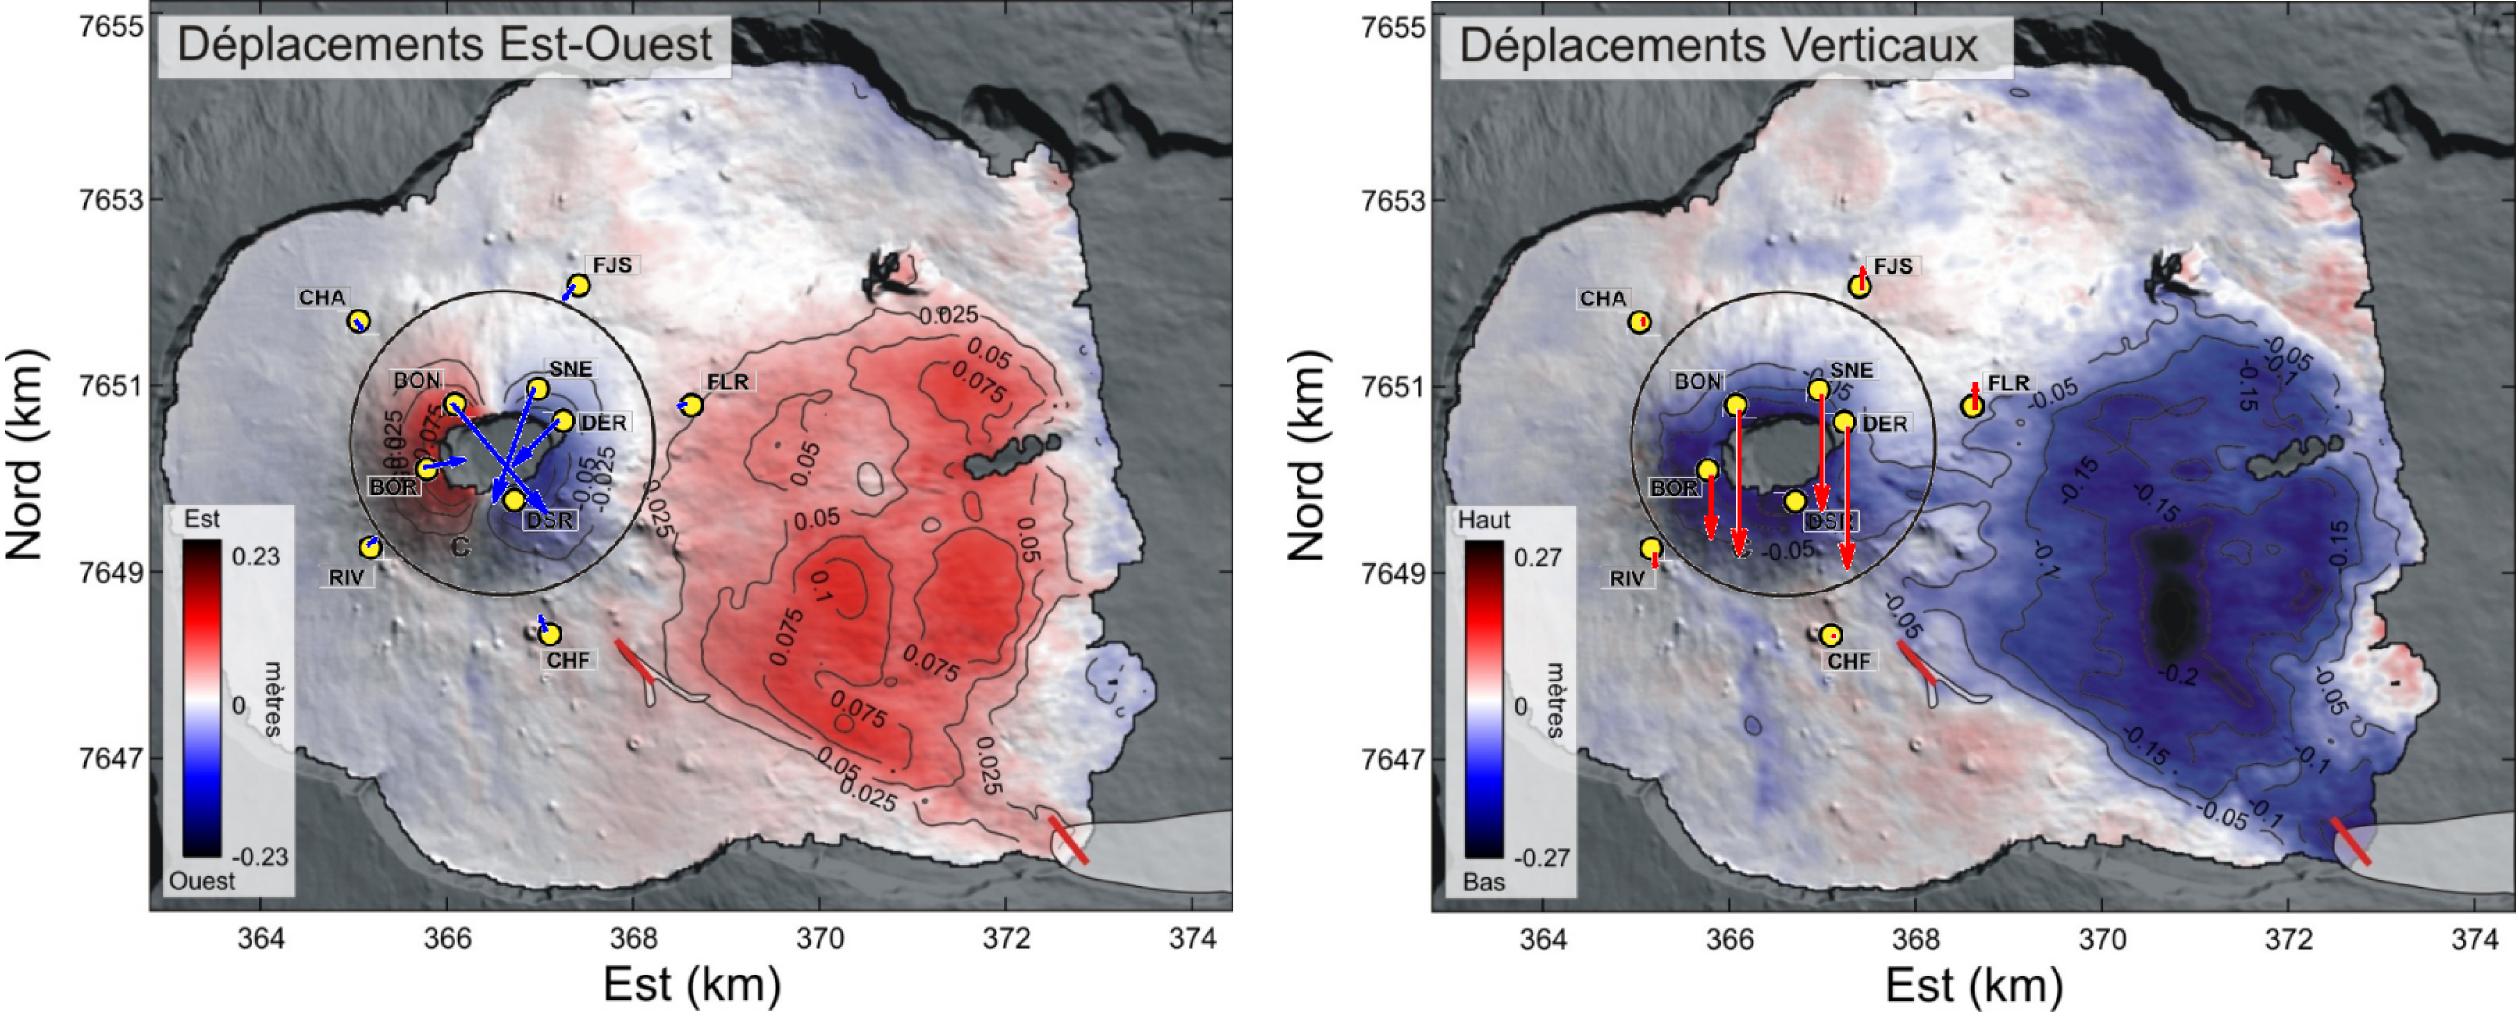 Déformation enregistrée par les stations GPS et interférométrie RADAR pour la période après la fin de l'éruption (du 1er mai 2007 au premier mai 2008)